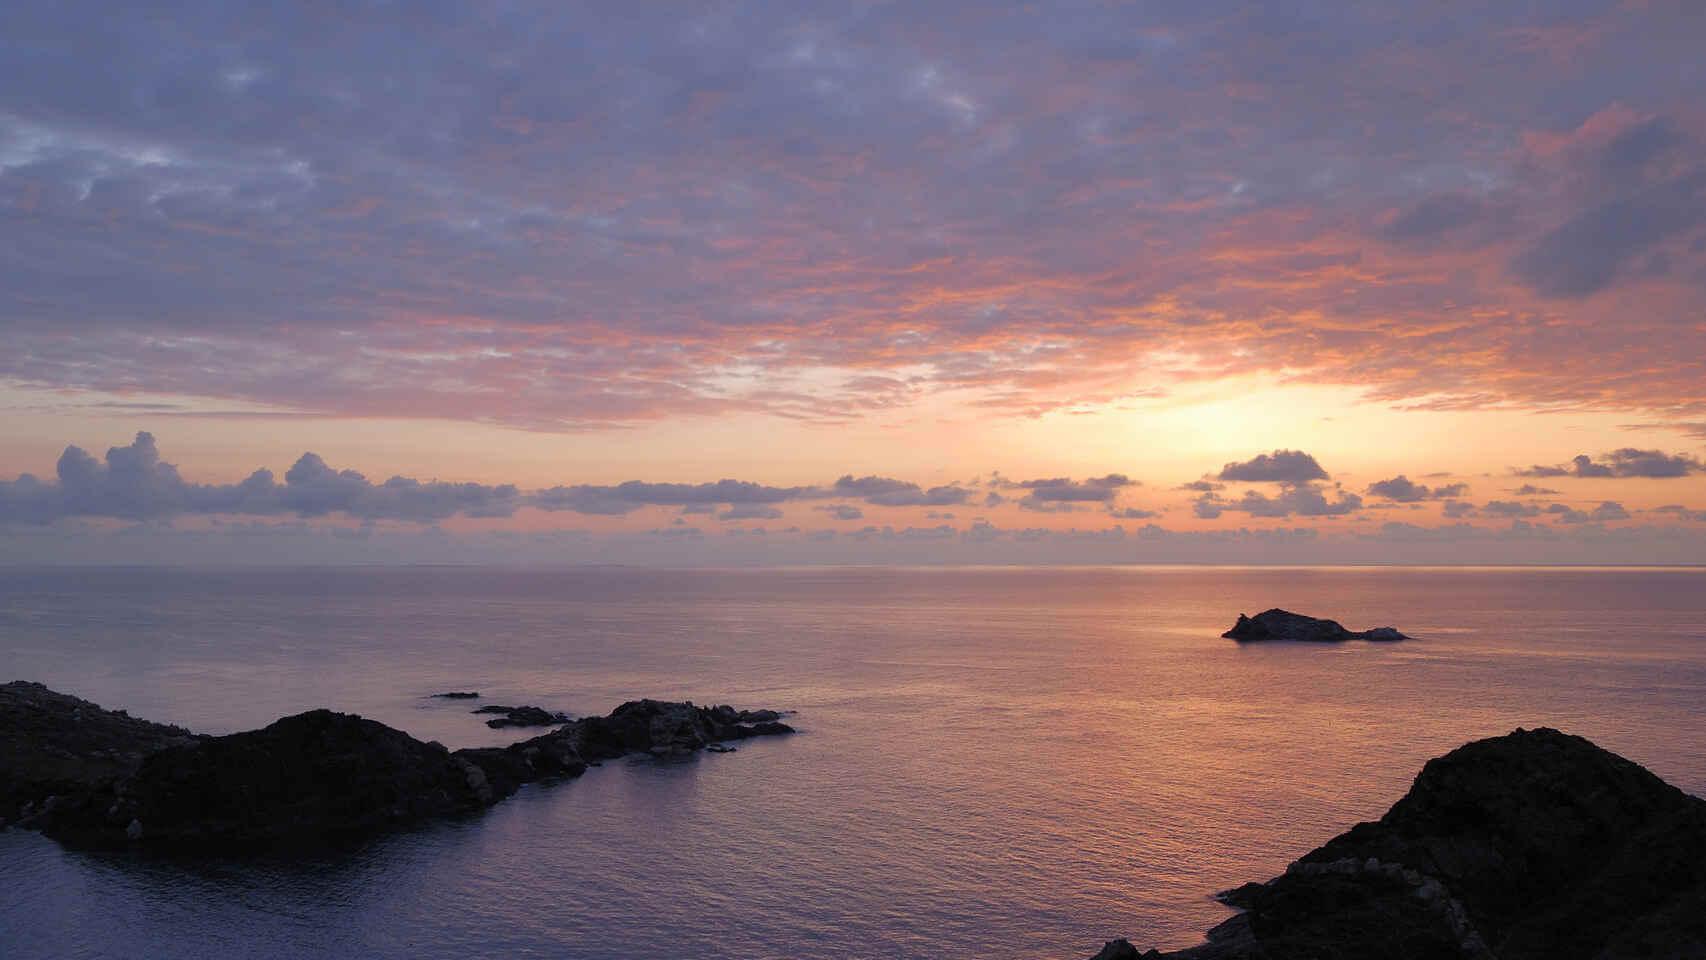 puesta-de-sol-costa-brava-cadaques